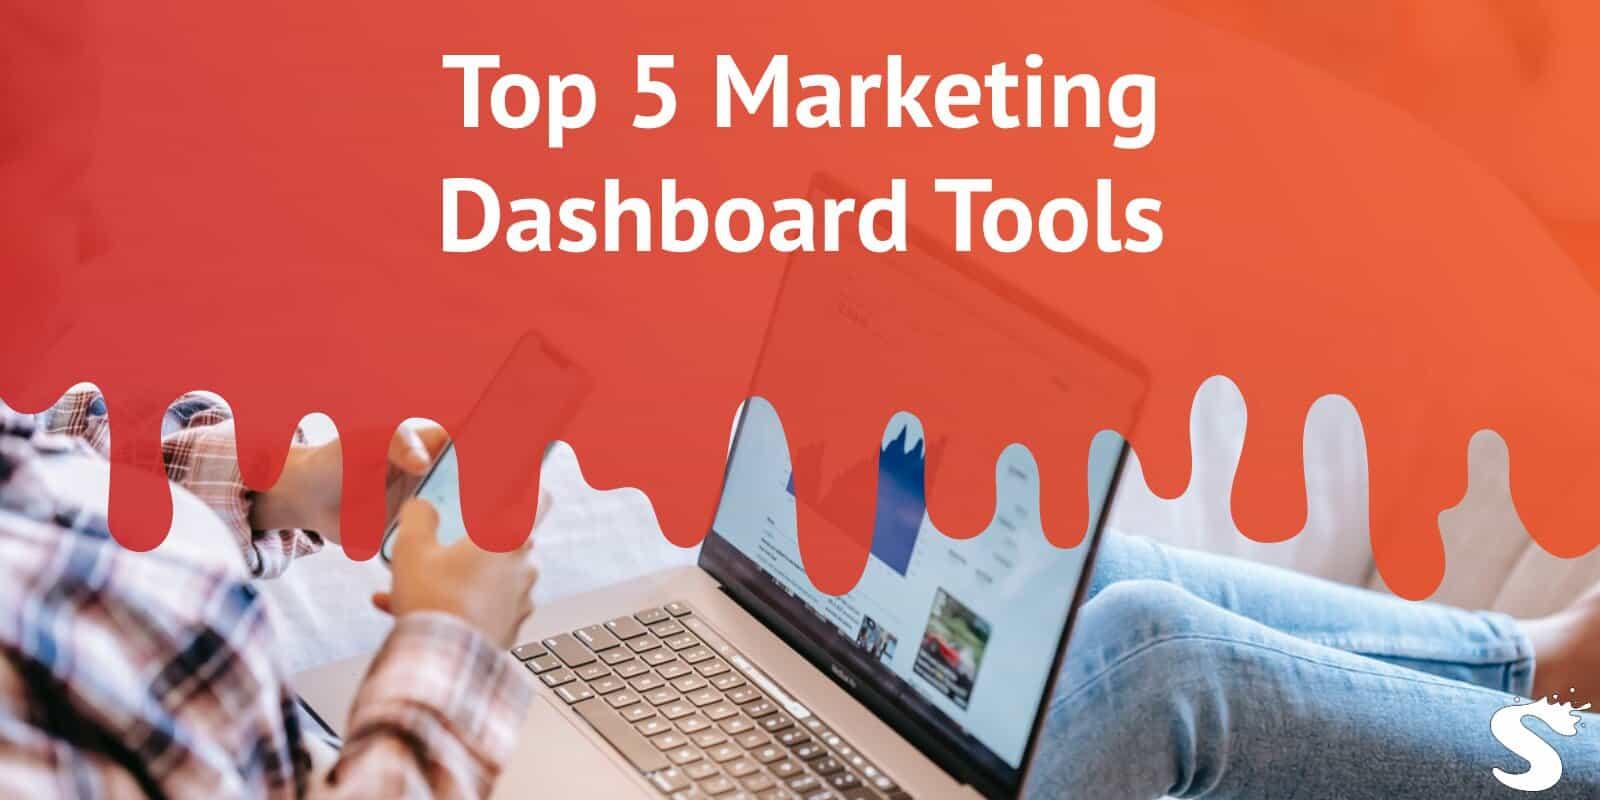 Top 5 Marketing Dashboard Tools